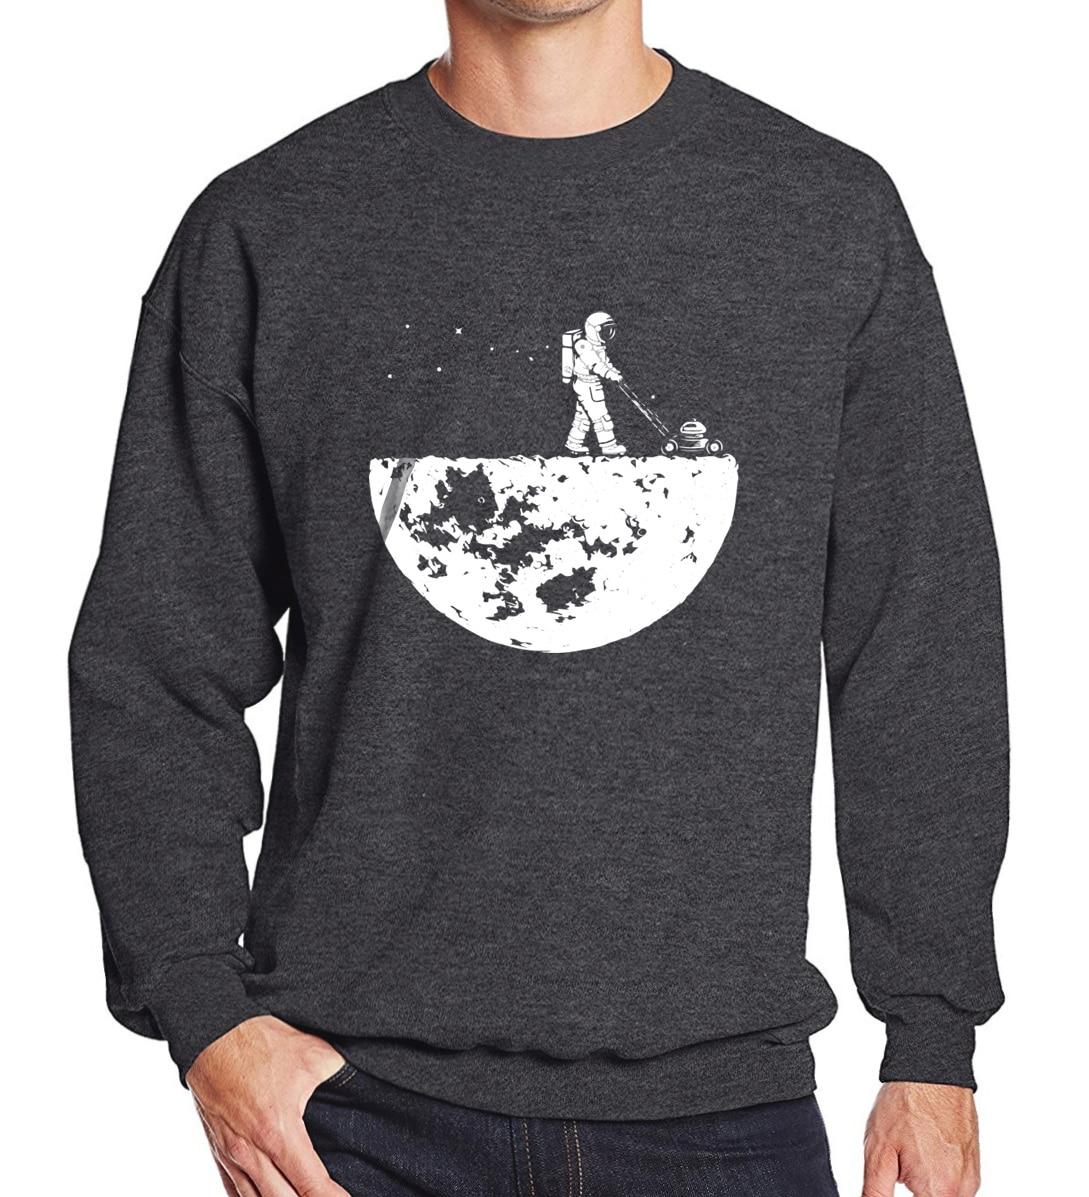 Лидер продаж 2018 г. Мужские кофты на осень-зиму флис печати развивать Moon модные повседневные Мужская спортивная одежда с капюшоном Harajuku толстовки